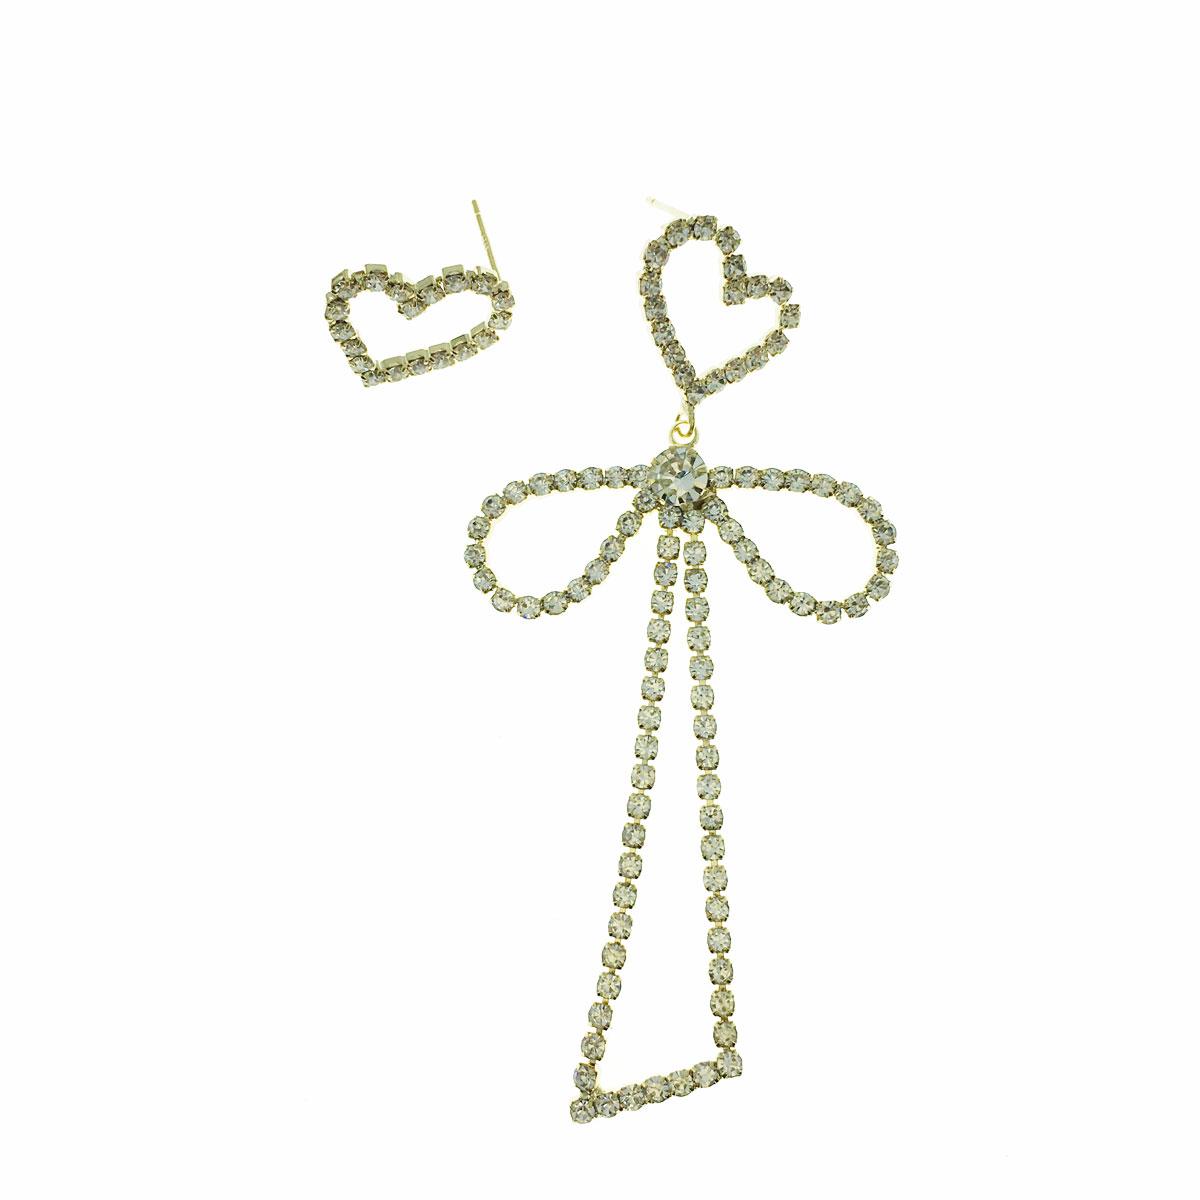 韓國 925純銀 水鑽 愛心 蝴蝶結 簍空 不對稱 垂墜感 耳針式 耳環